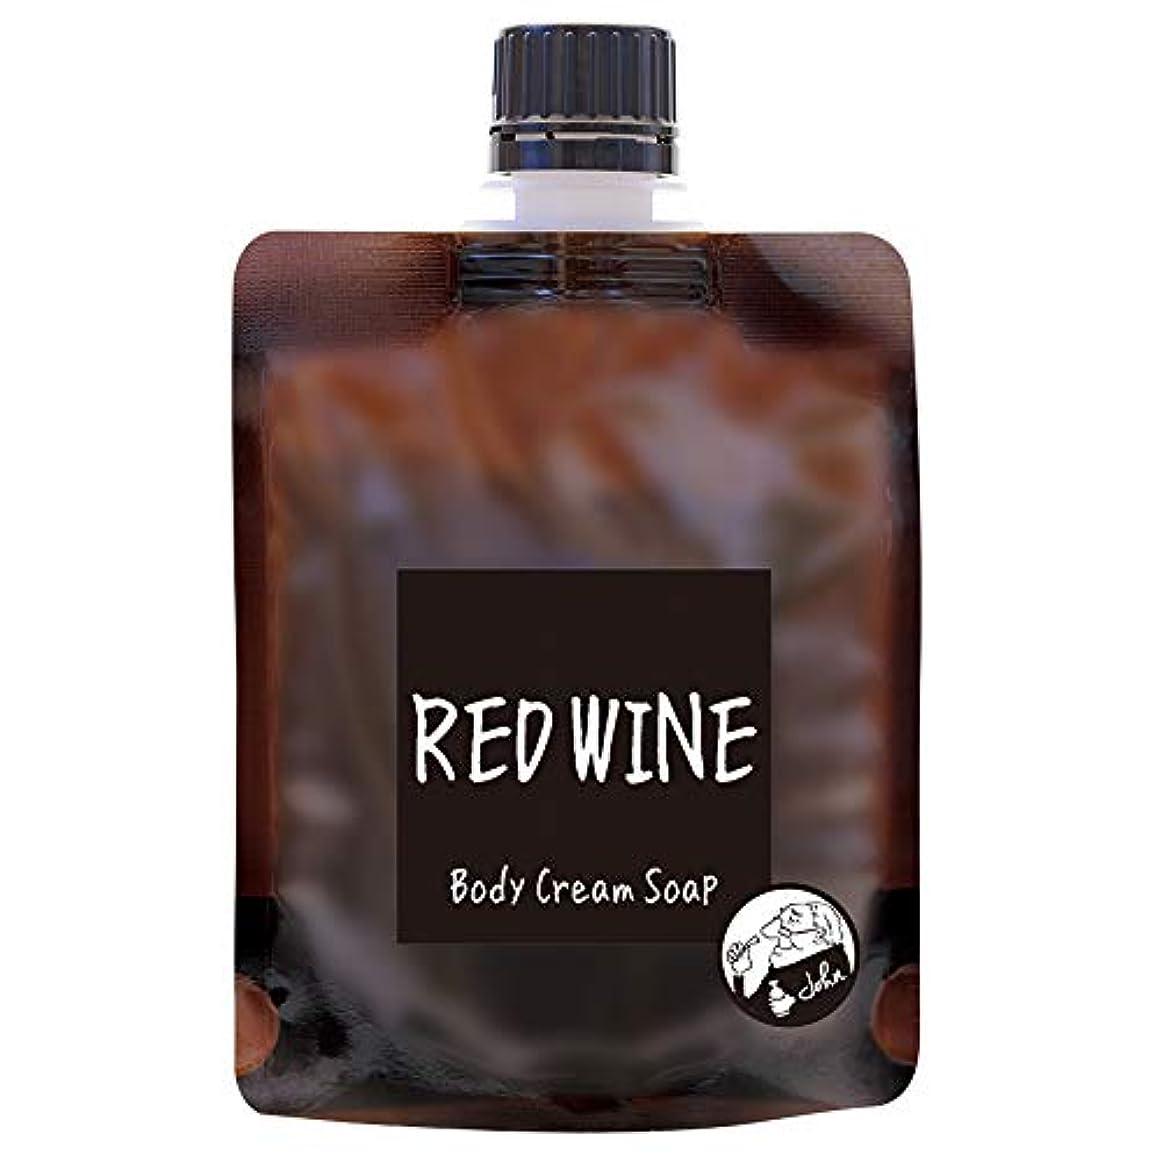 飼料ヶ月目冷酷なノルコーポレーション John's Blend ボディクリームソープ 保湿成分配合 OA-JON-19-5 ボディソープ レッドワインの香り 100g